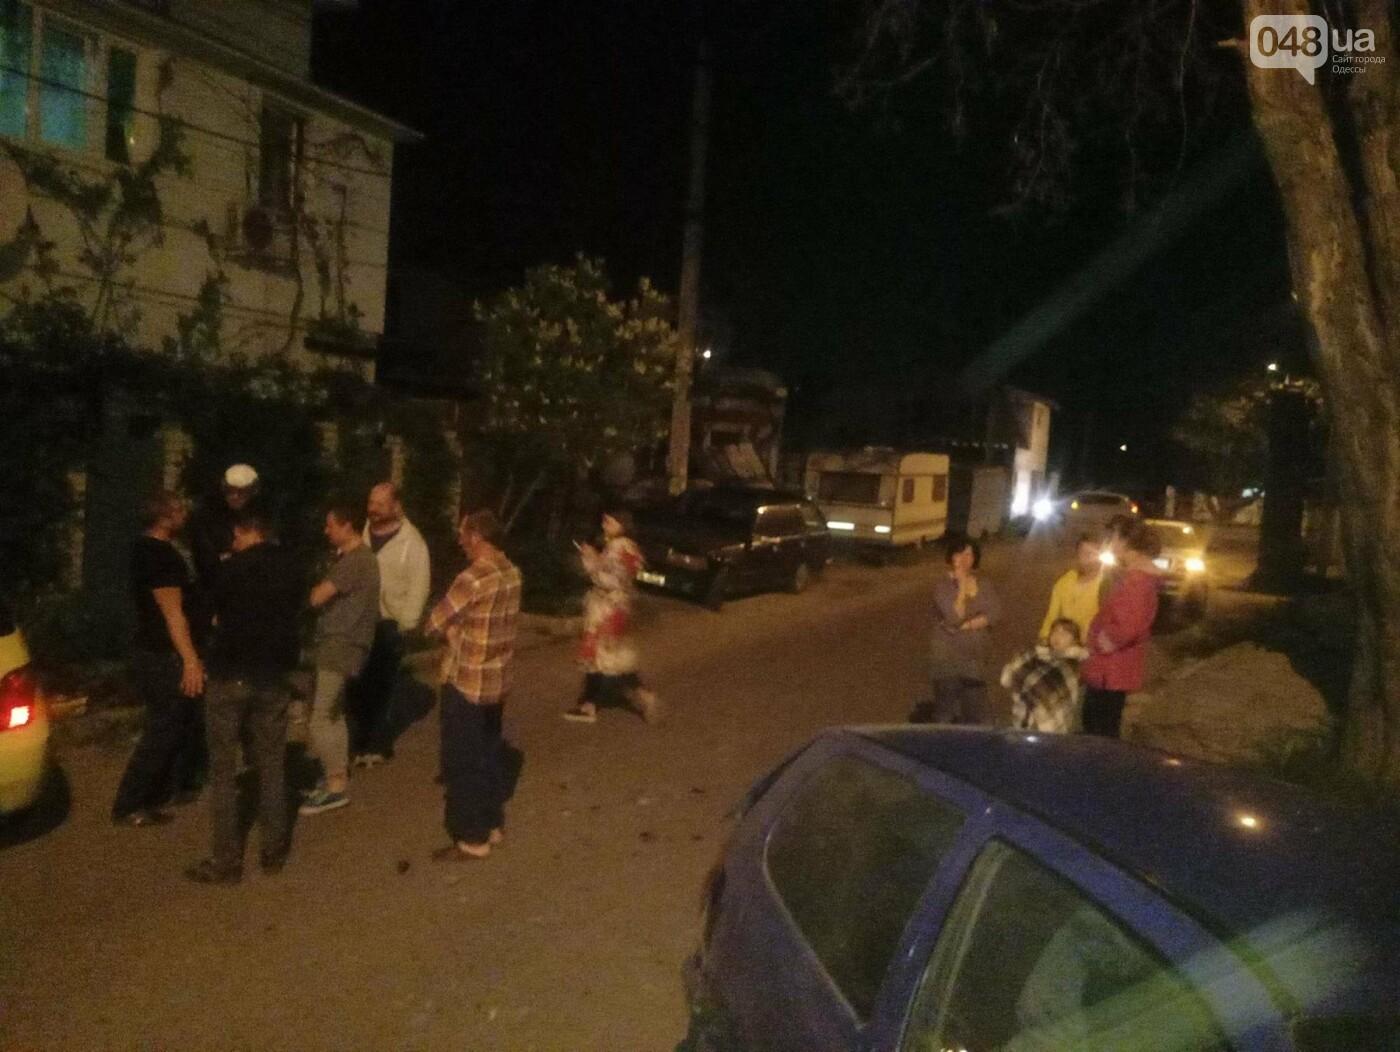 В Одесе угнанное с СТО авто попало в разрушительную аварию (ФОТО), фото-5